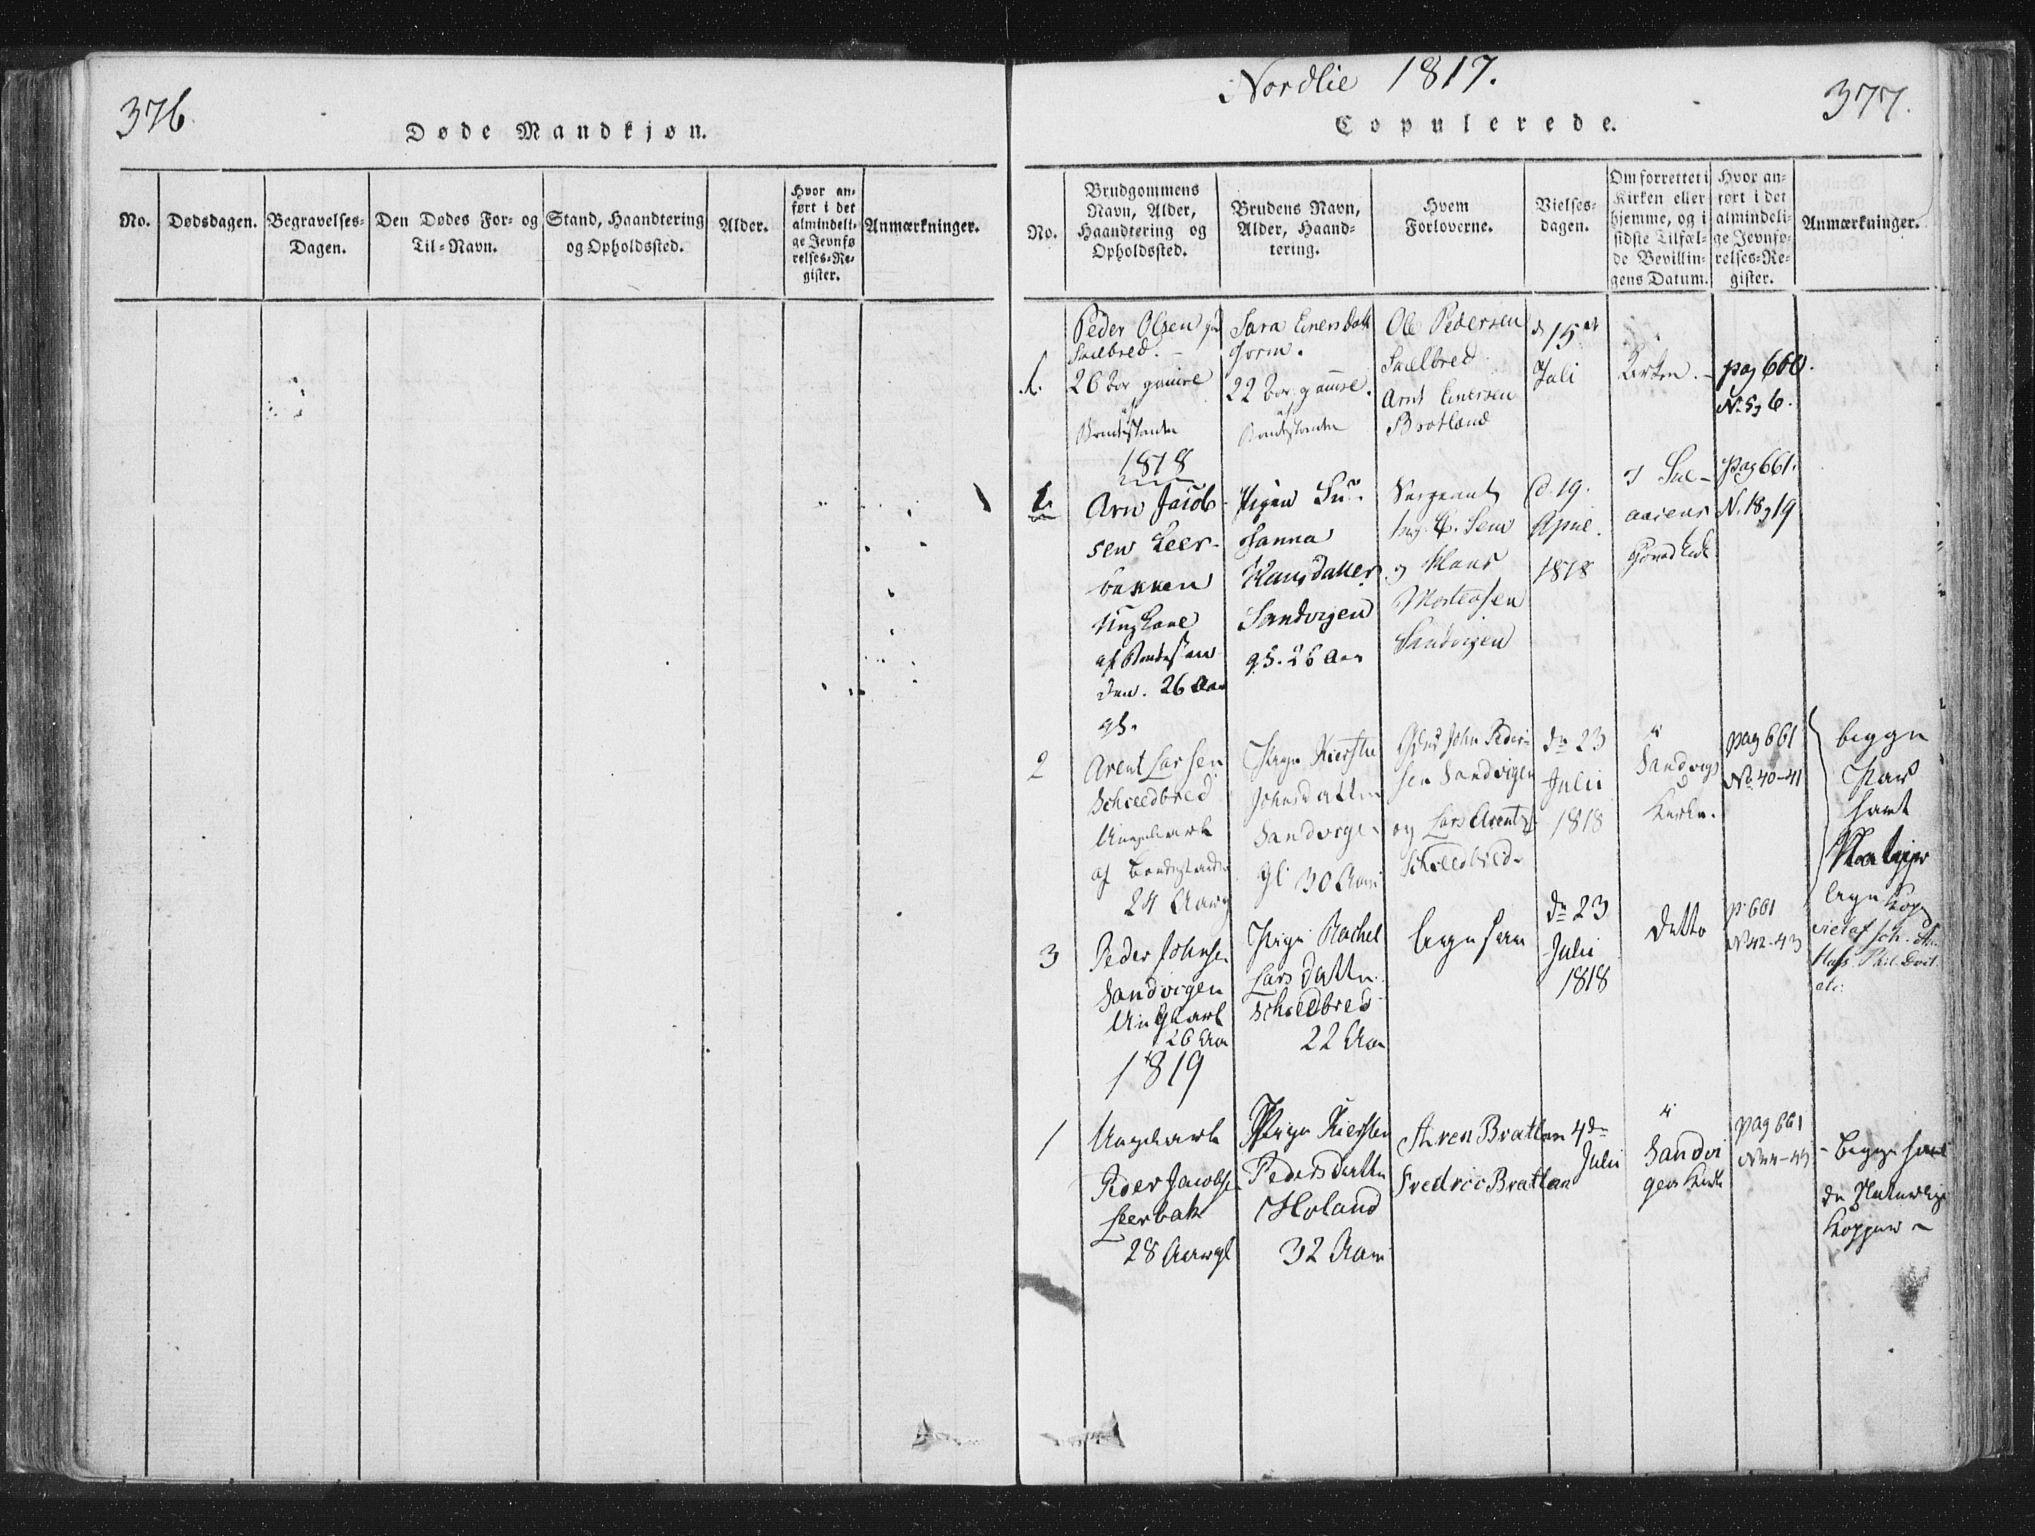 SAT, Ministerialprotokoller, klokkerbøker og fødselsregistre - Nord-Trøndelag, 755/L0491: Ministerialbok nr. 755A01 /1, 1817-1864, s. 376-377